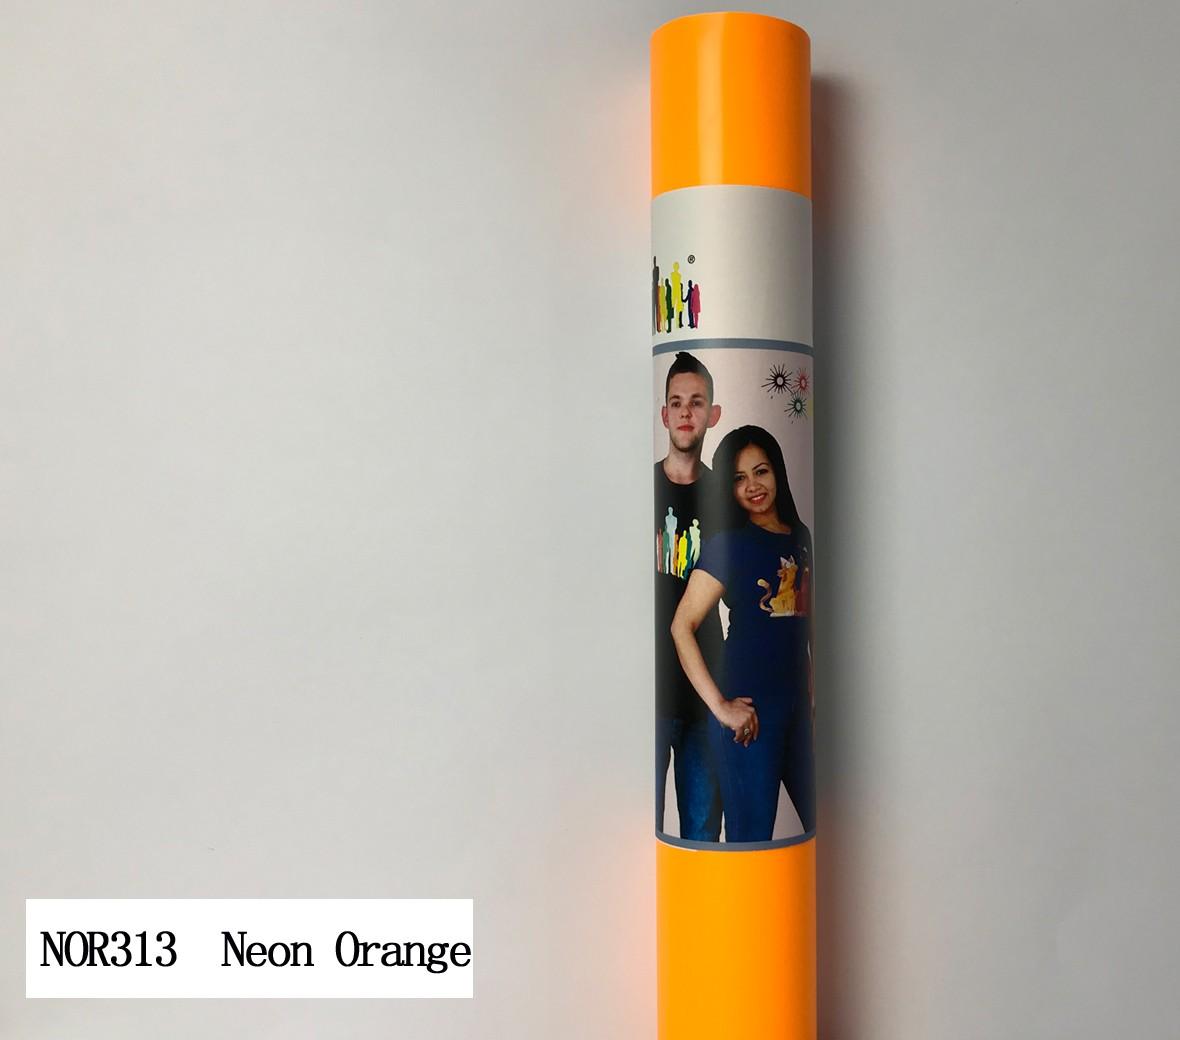 NOR313 neon orange